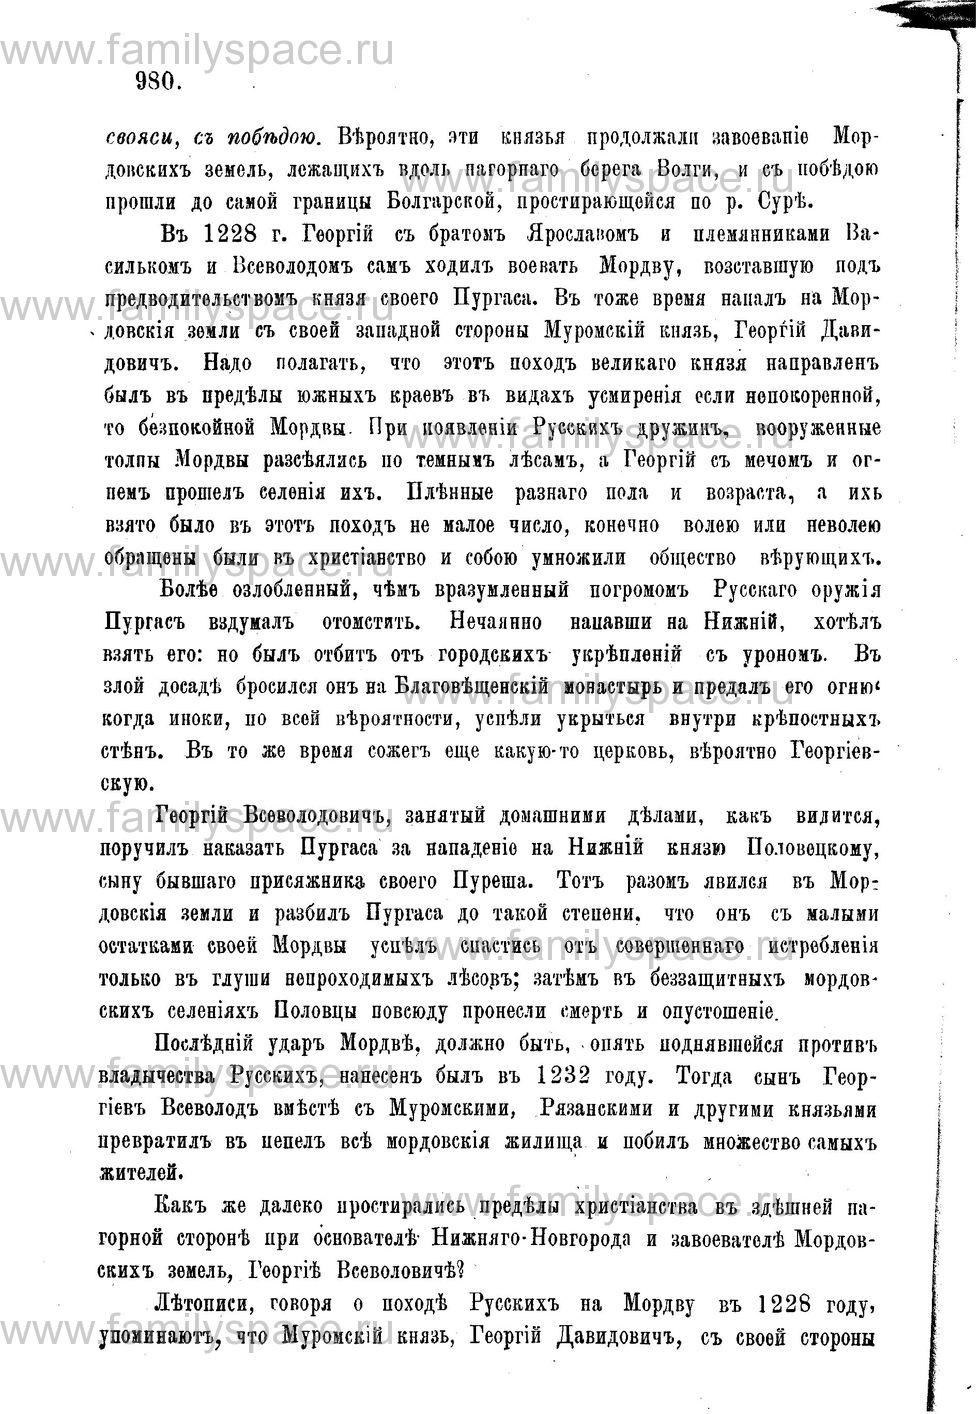 Поиск по фамилии - Адрес-календарь Нижегородской епархии на 1888 год, страница 1980